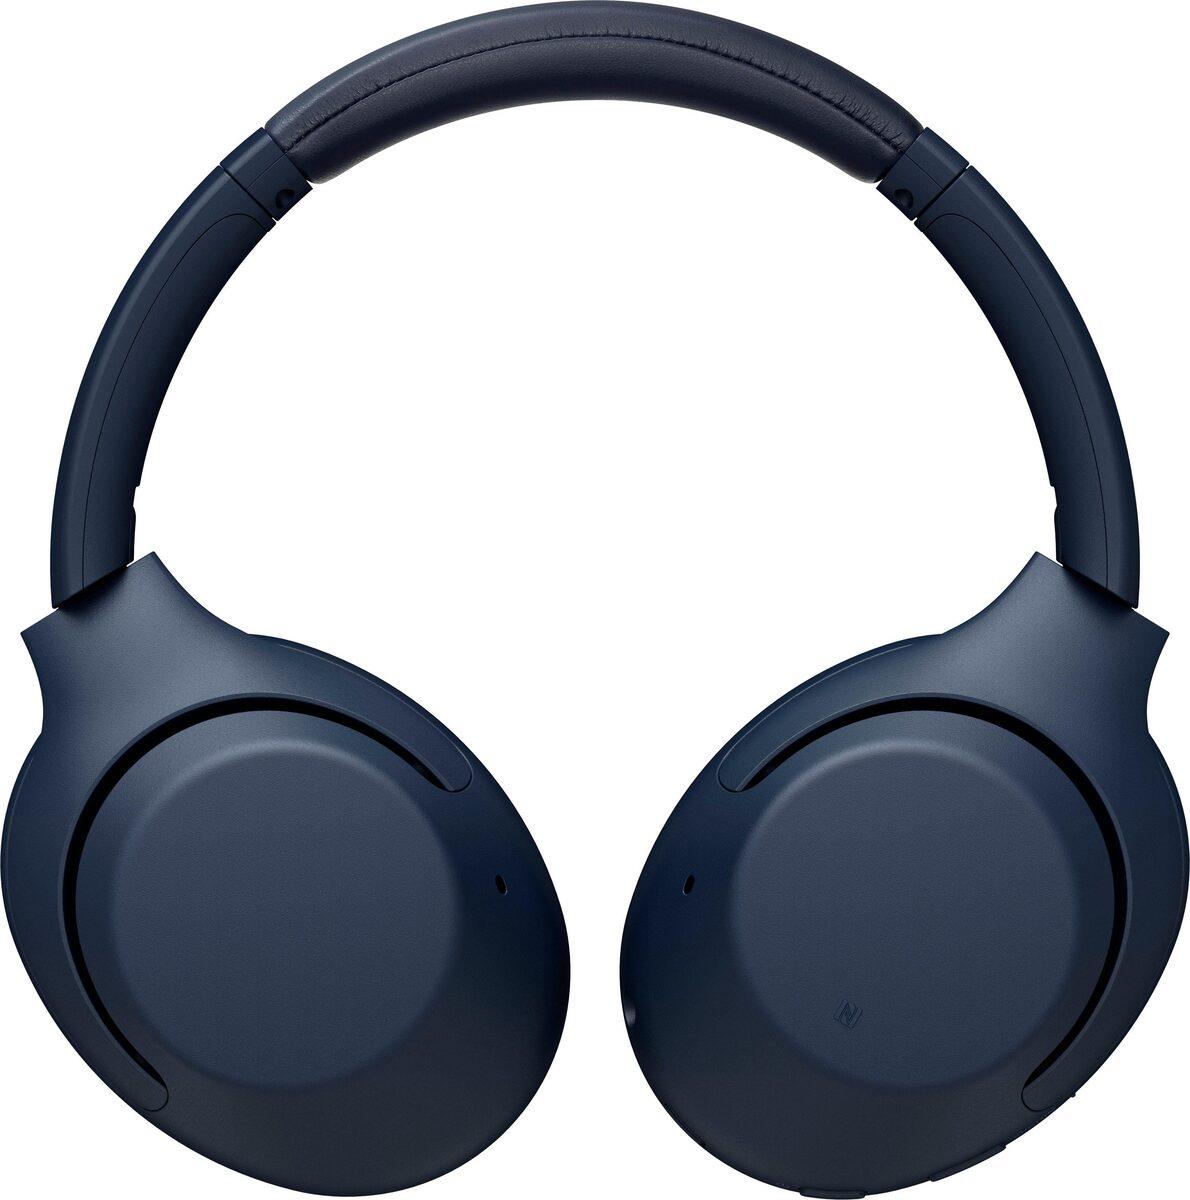 Bild 3 von Sony »WH-XB900N Bluetooth Noise Cancelling« Kopfhörer (Bluetooth, NFC, Headset mit Mikrofon, Amazon Alexa & Google Assistant, Gestensteuerung)